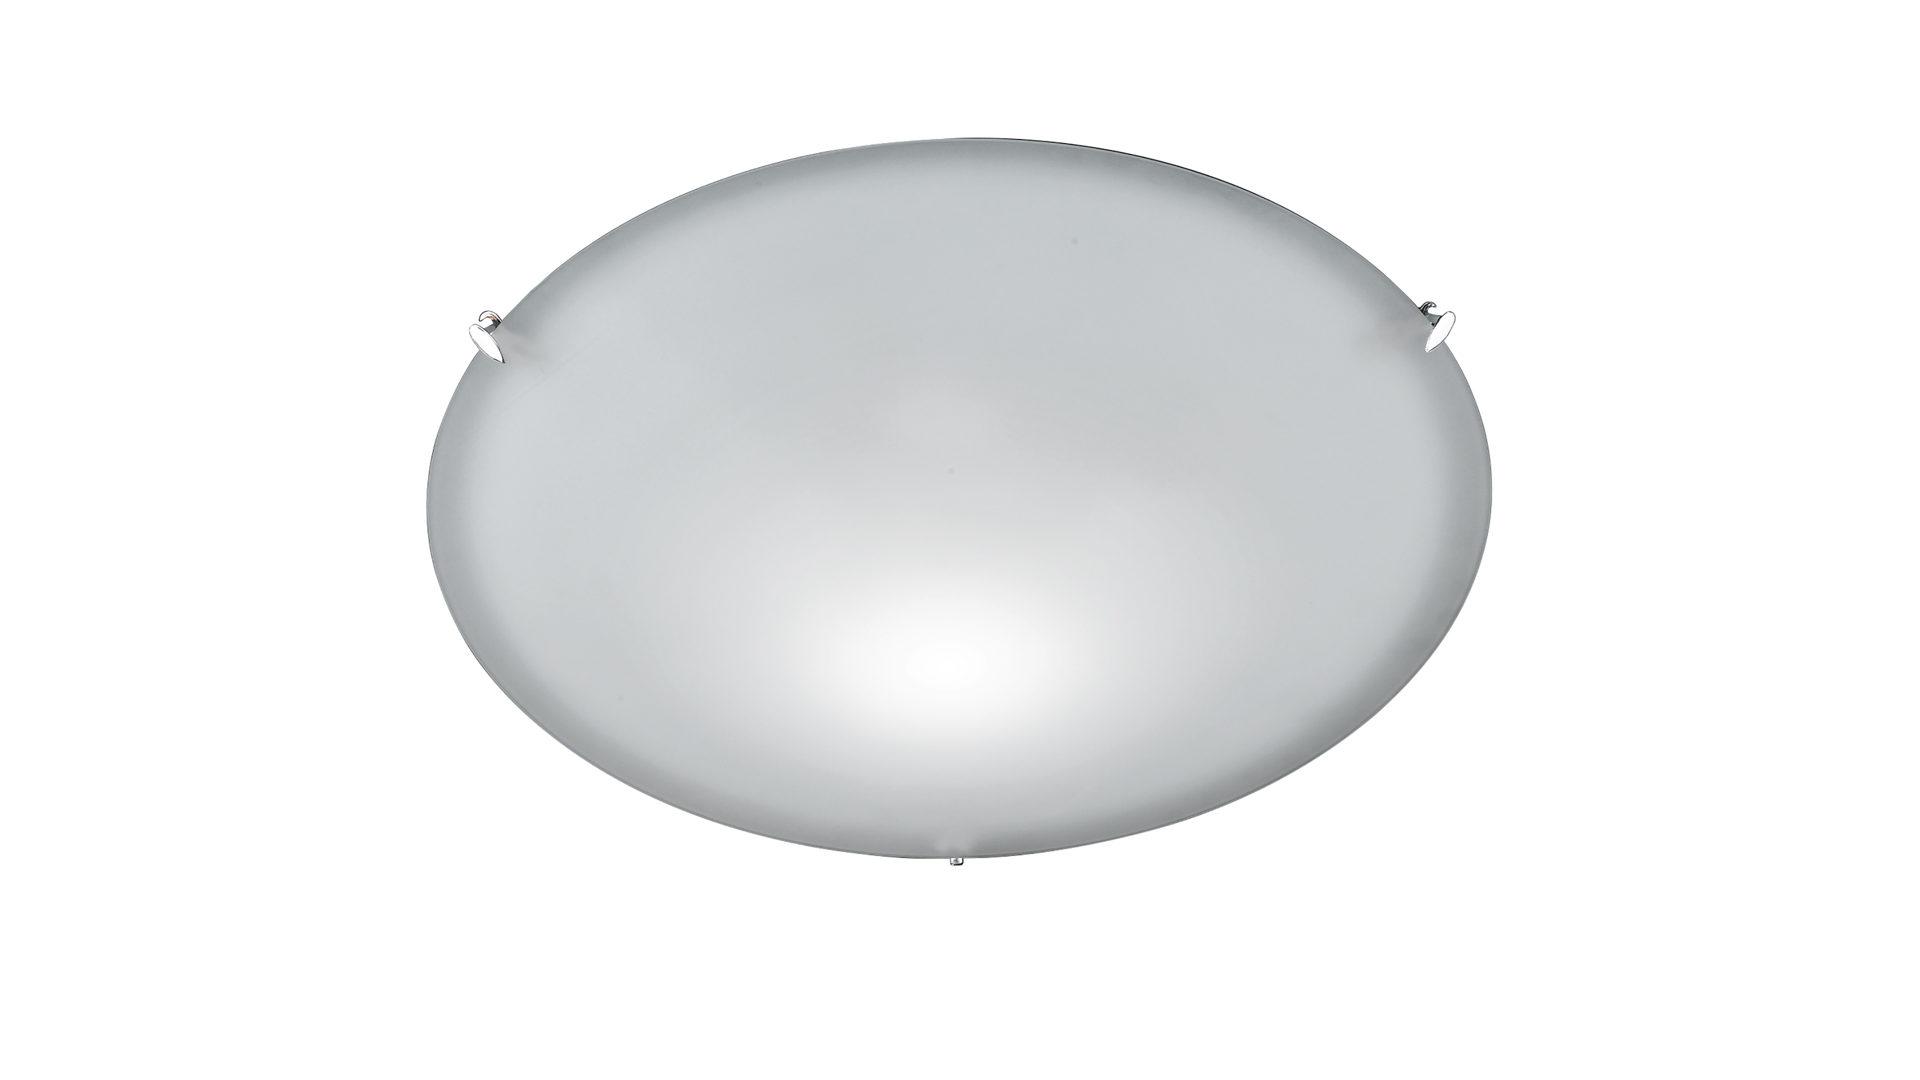 Moderne Lampen 52 : Traumhafte urlaubsideen für badezimmer lampe spiegel sabanda